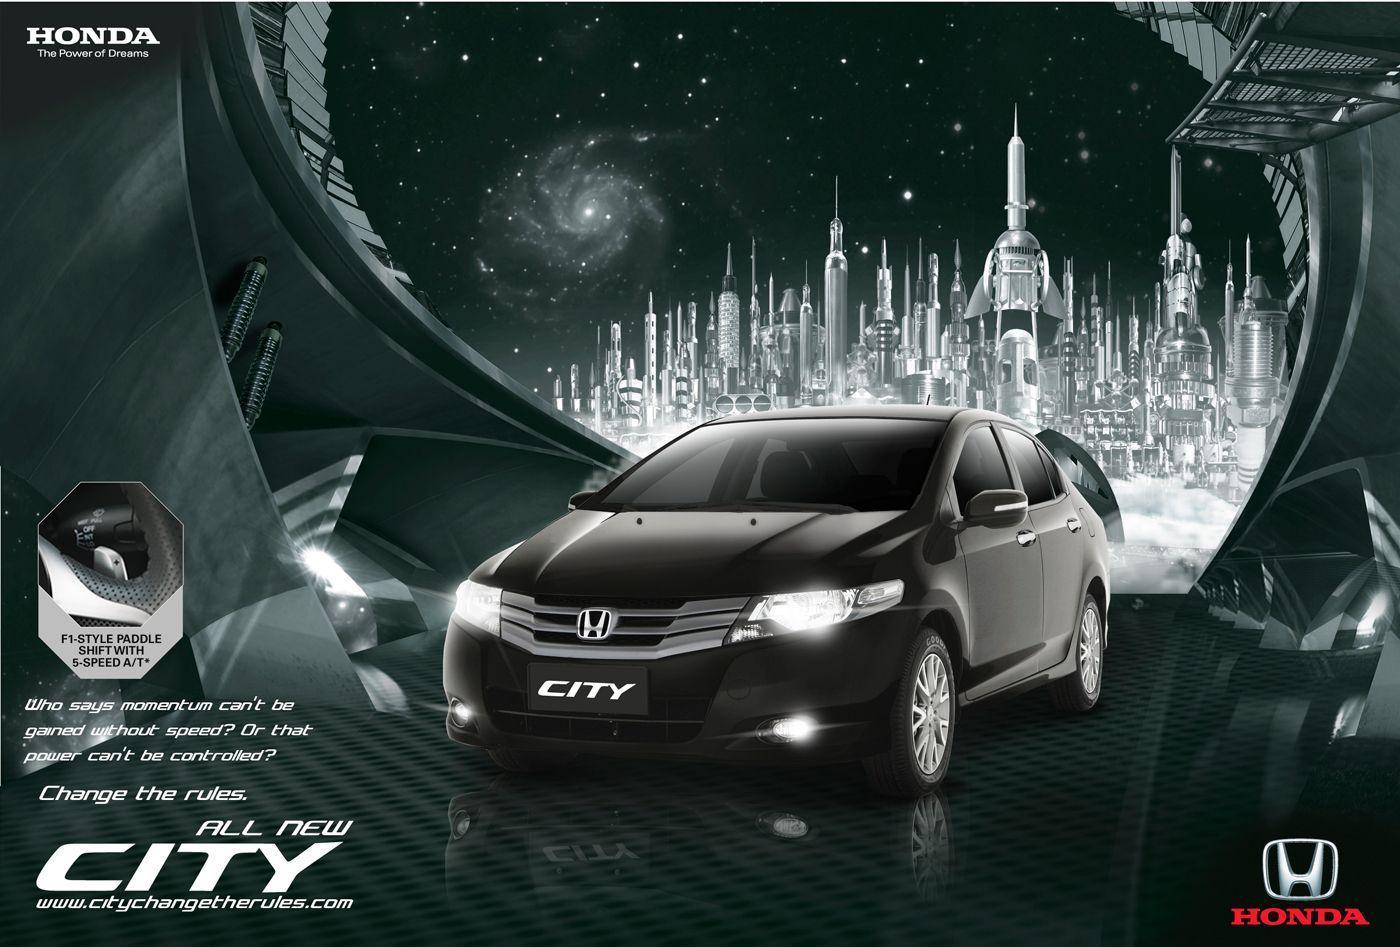 Honda City Wallpapers Hd 14 Honda City Black 1492868